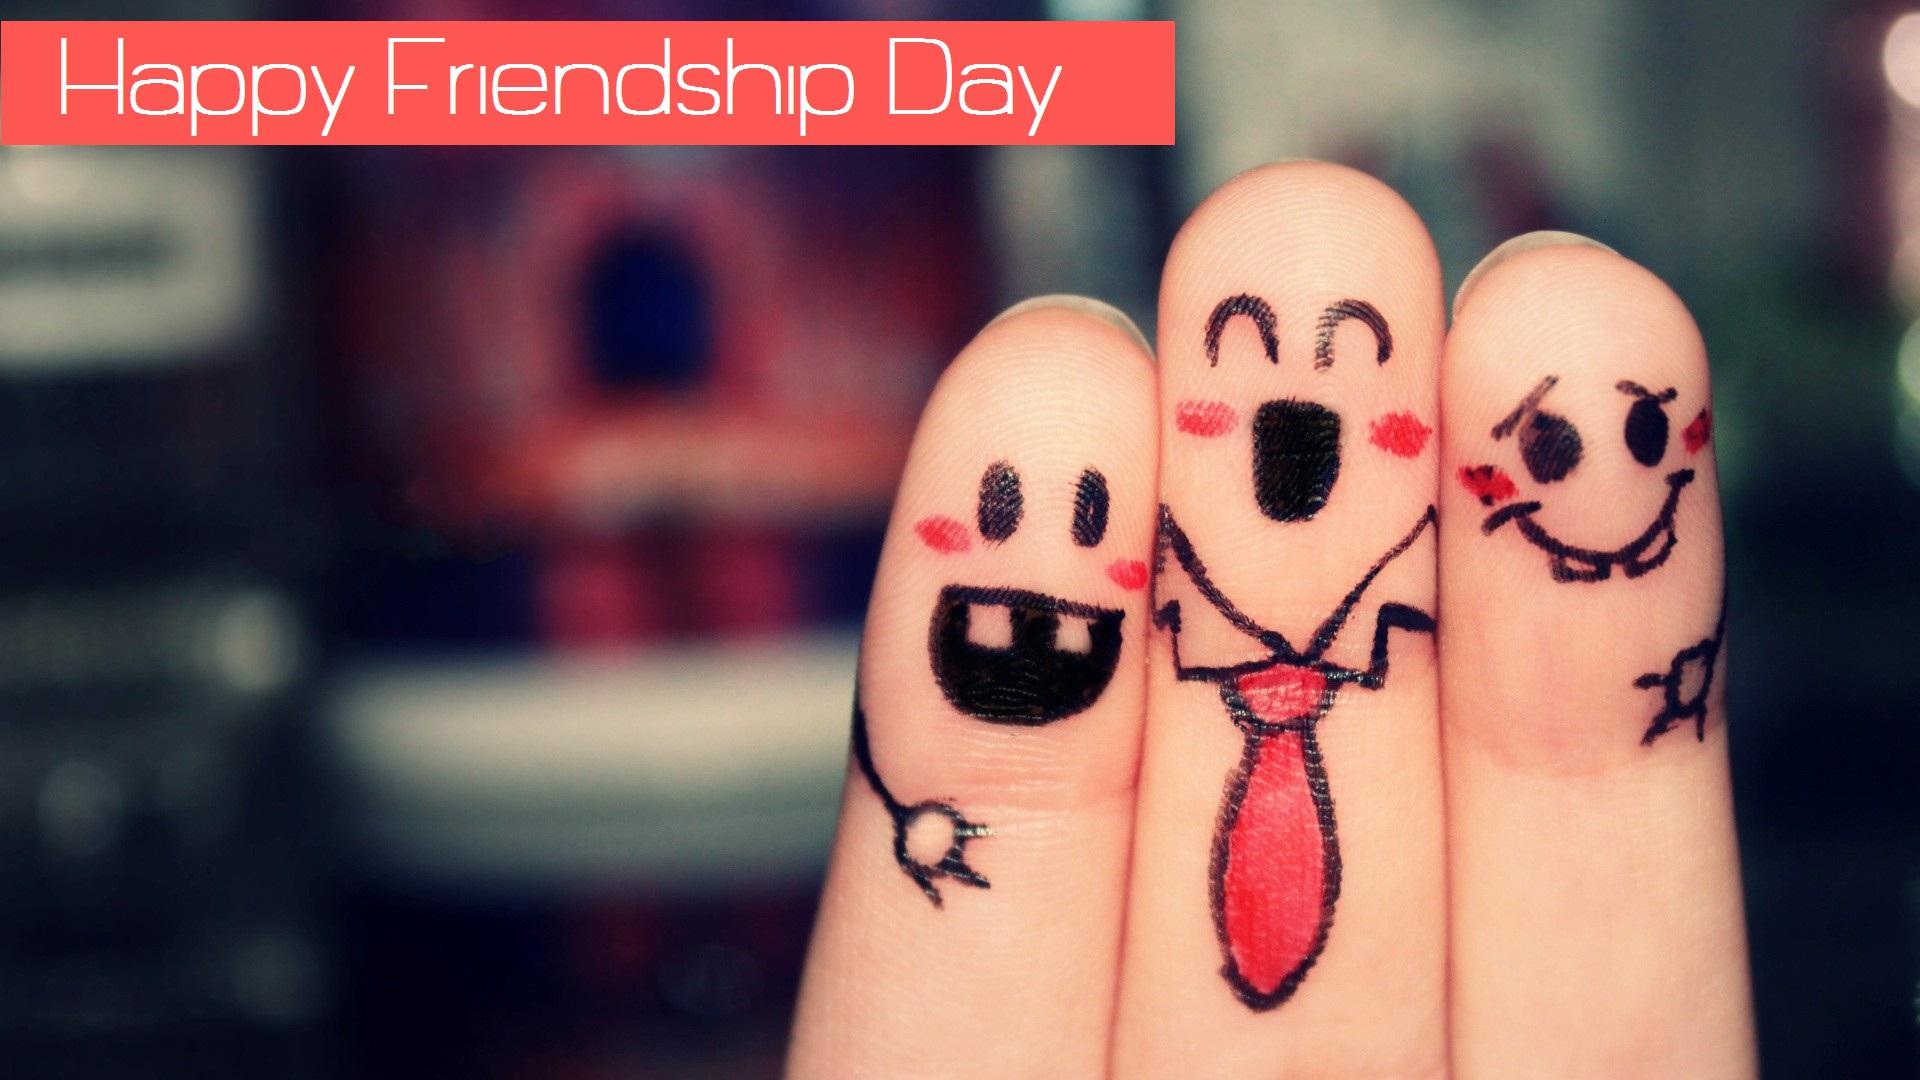 9 июня отмечается Международный день друзей